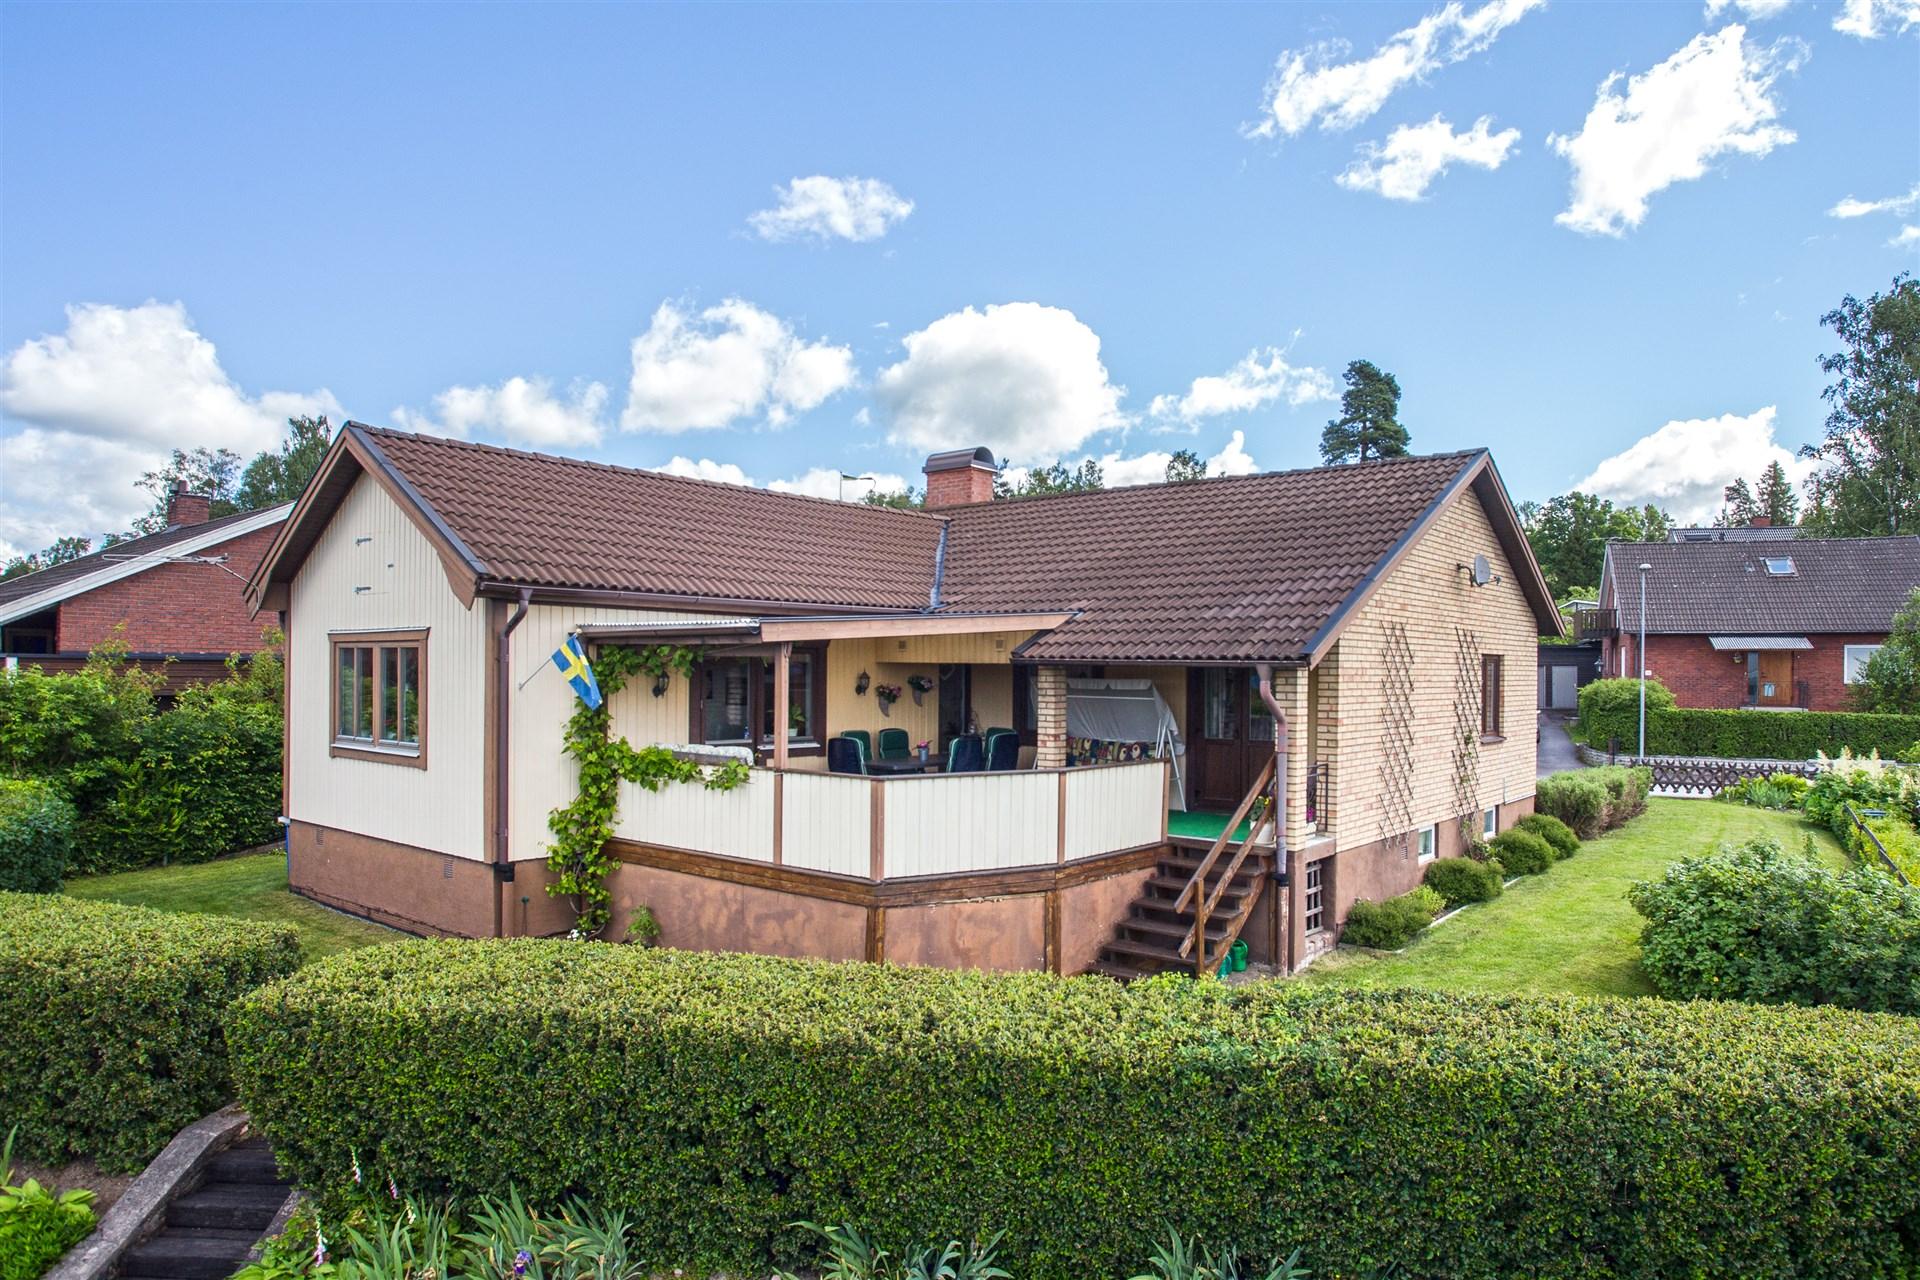 Villa med högt soligt läge och uppväxt trädgård. Baksidan med altan, delvis under tak.